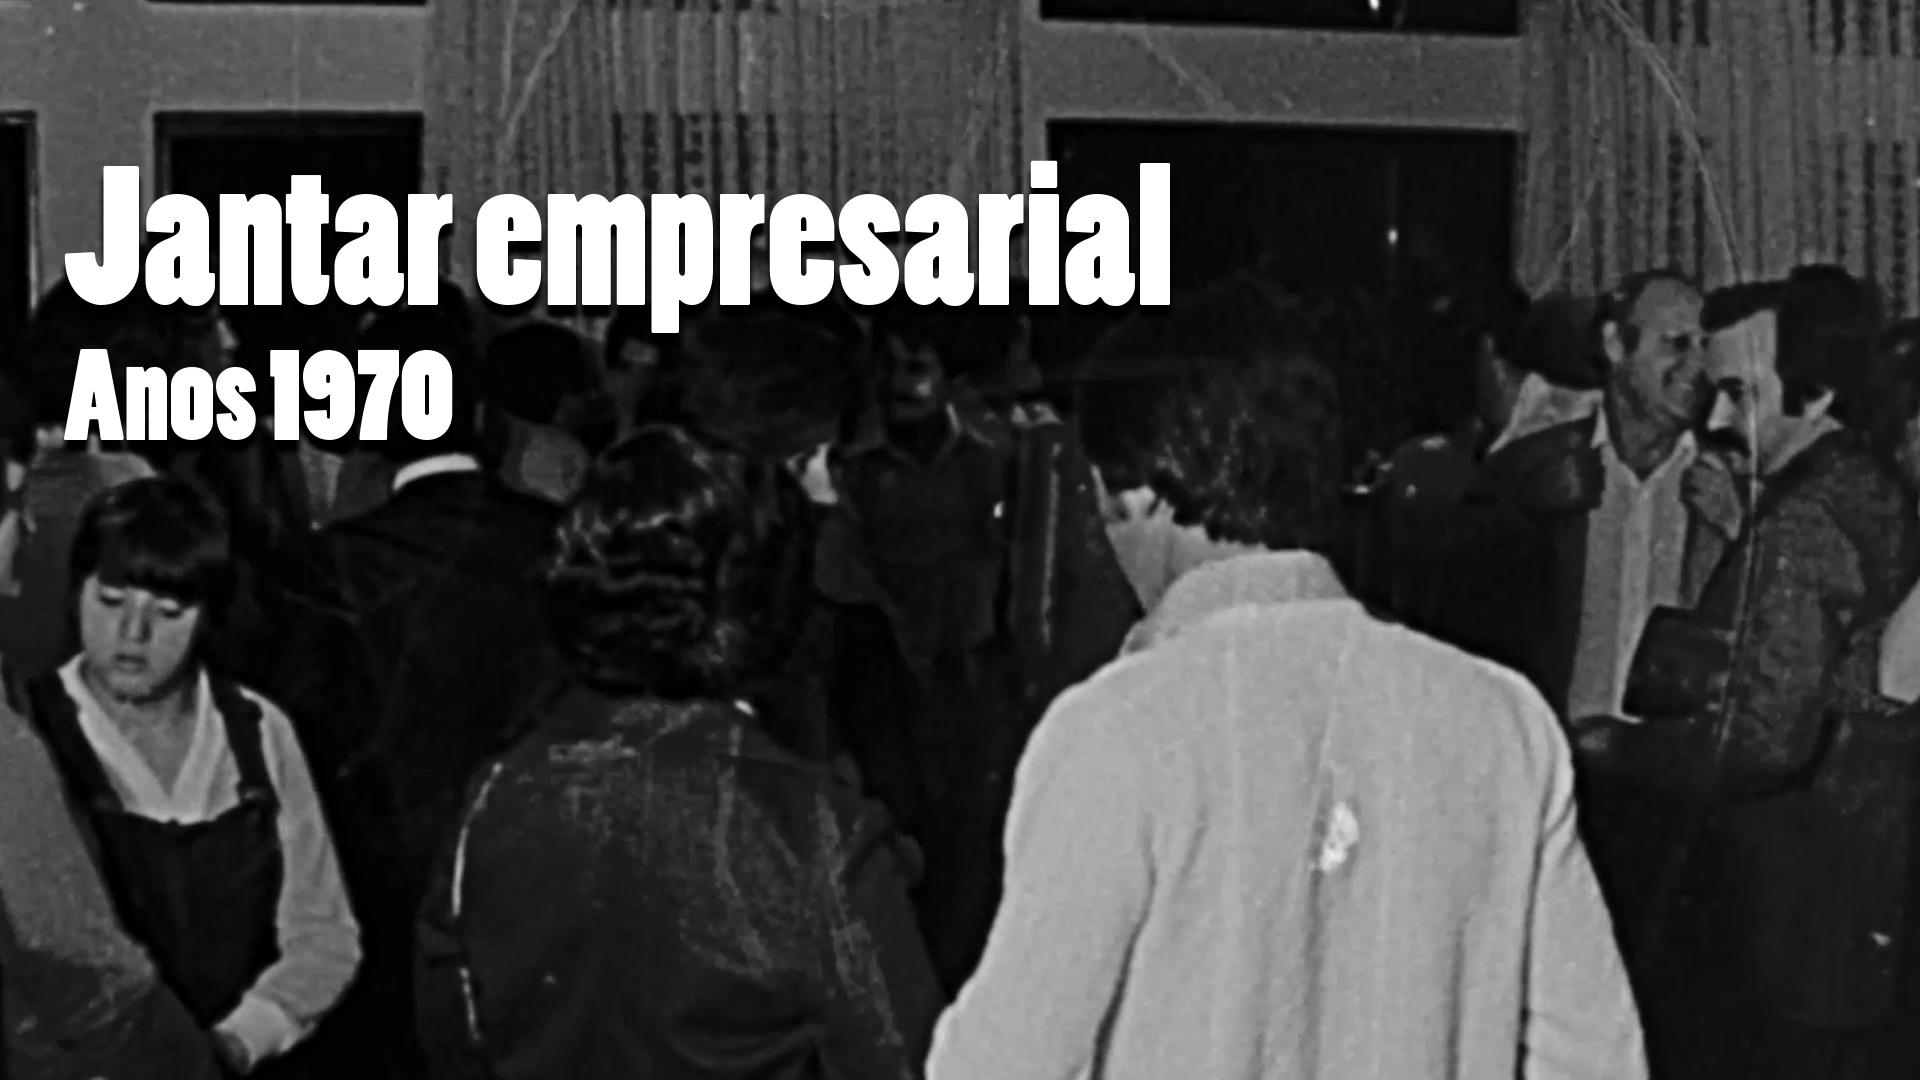 RARIDADE - Jantar empresarial na década de 1970